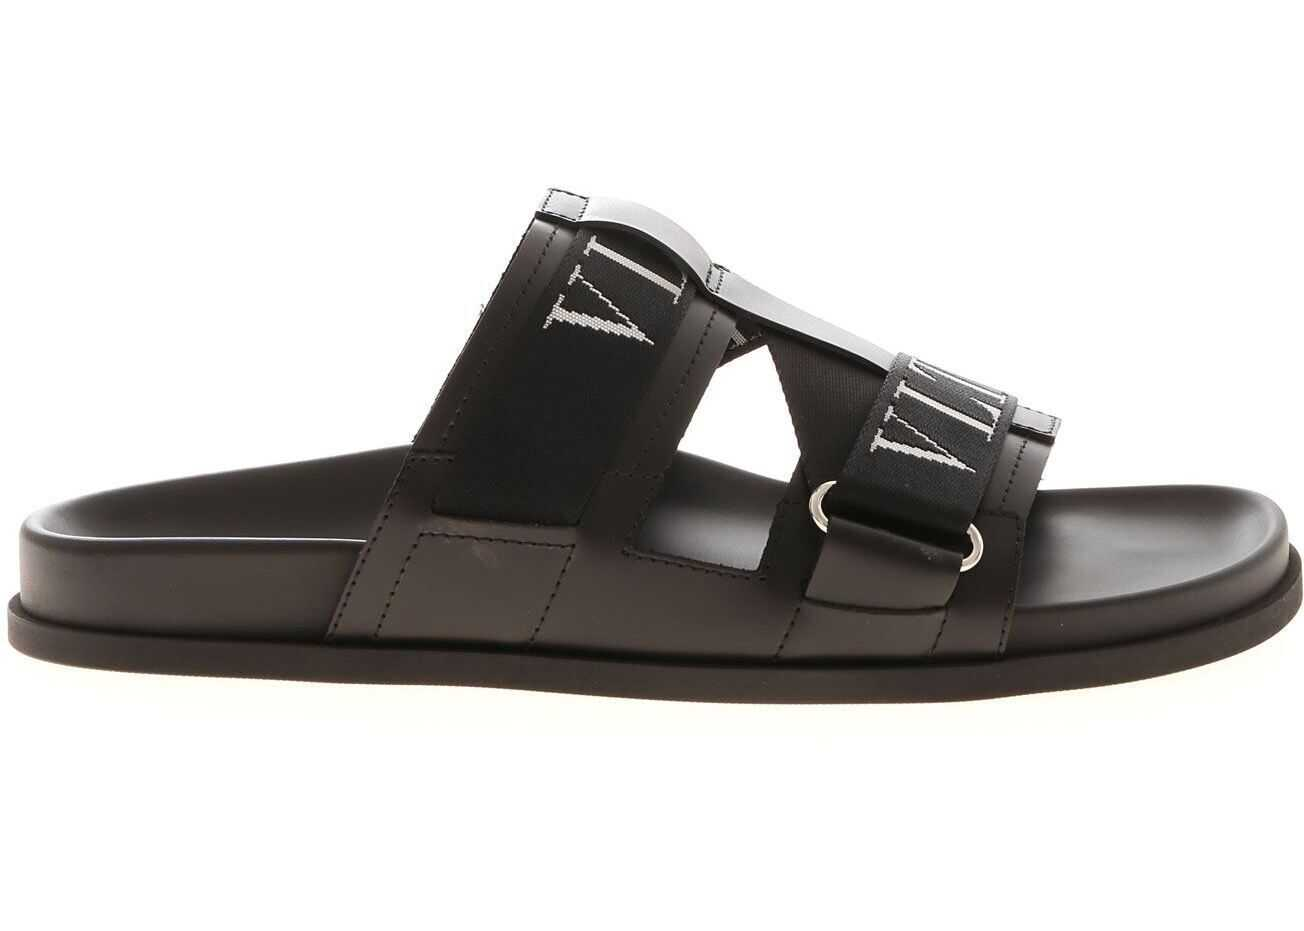 Vltn Sandals In Black